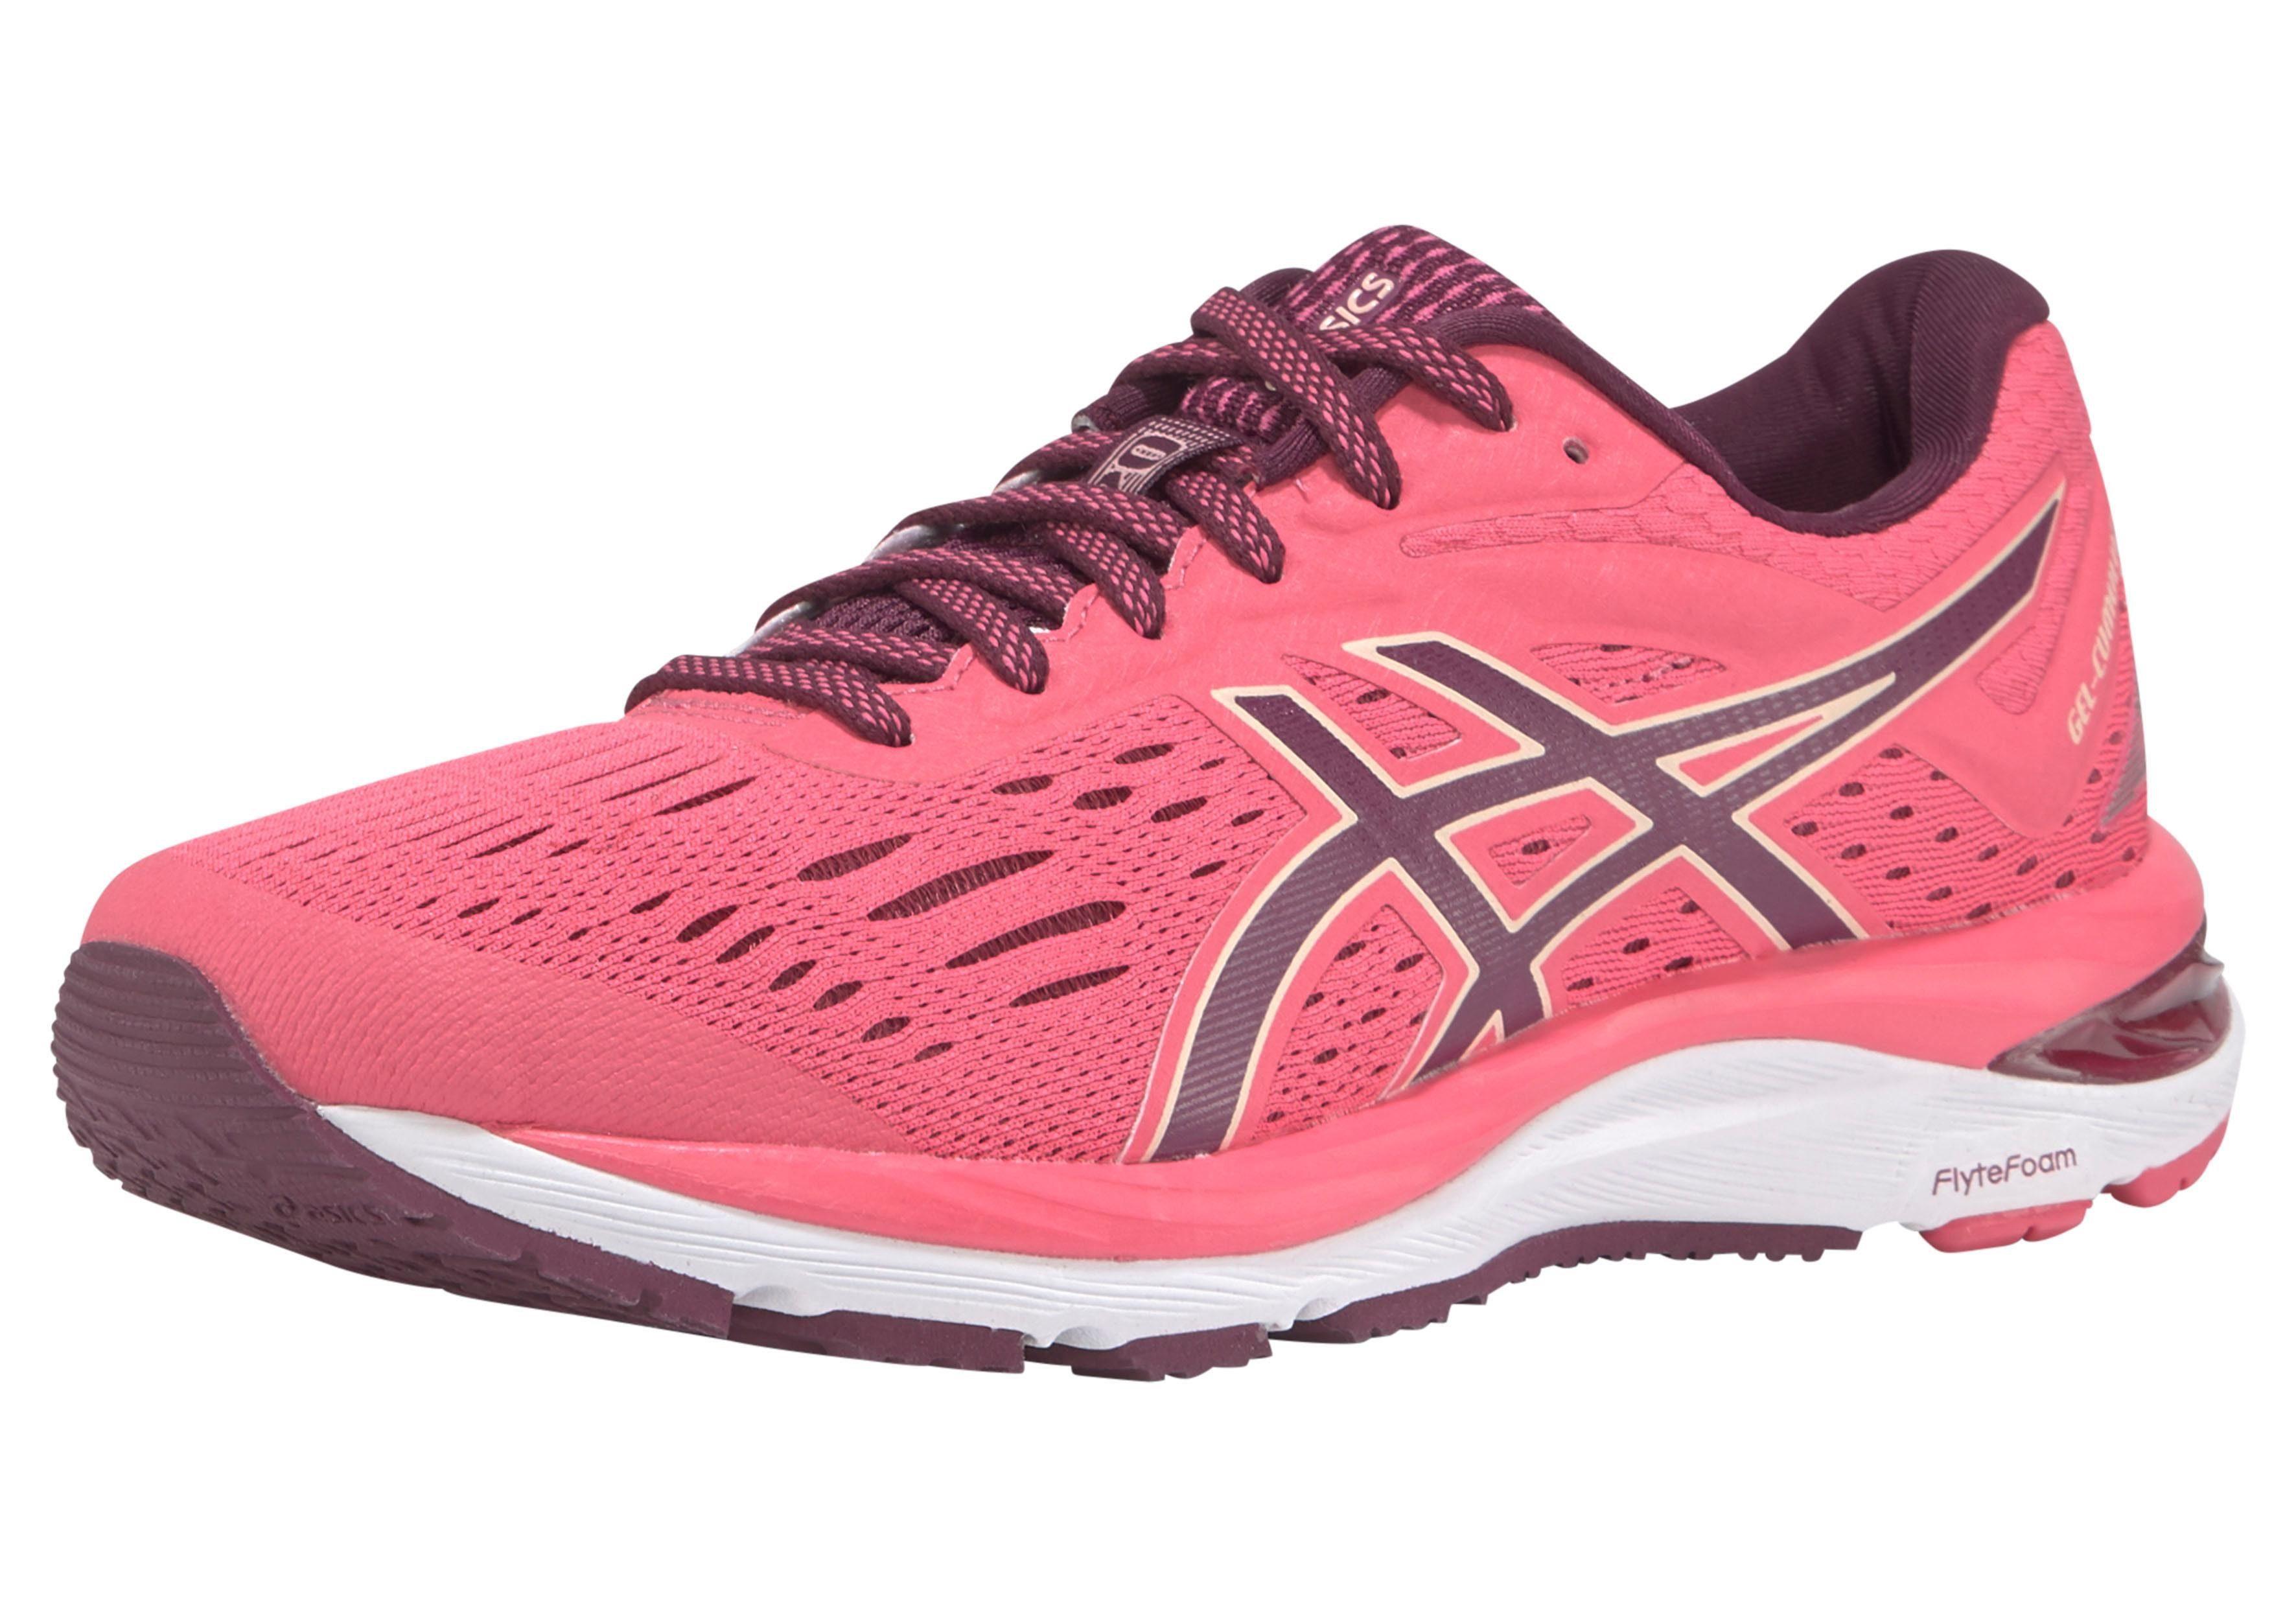 Asics »GEL CUMULUS 20« Laufschuh, Klassischer Laufschuh von Asics online kaufen | OTTO